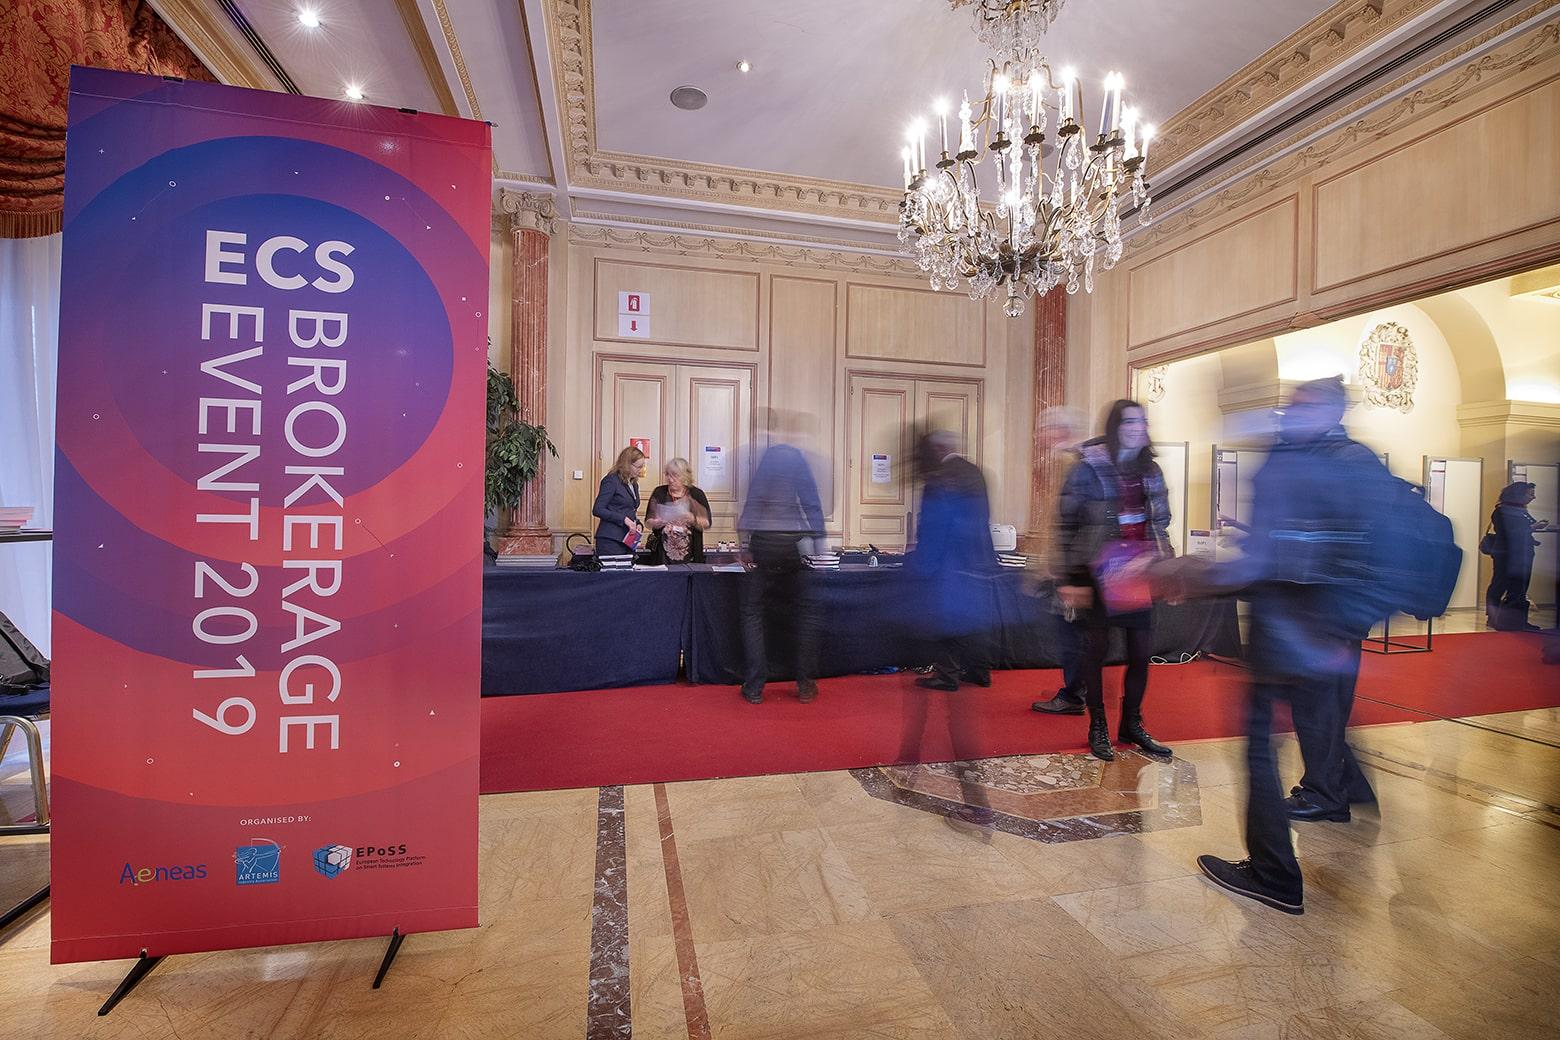 We visited the ECS Brokerage Event